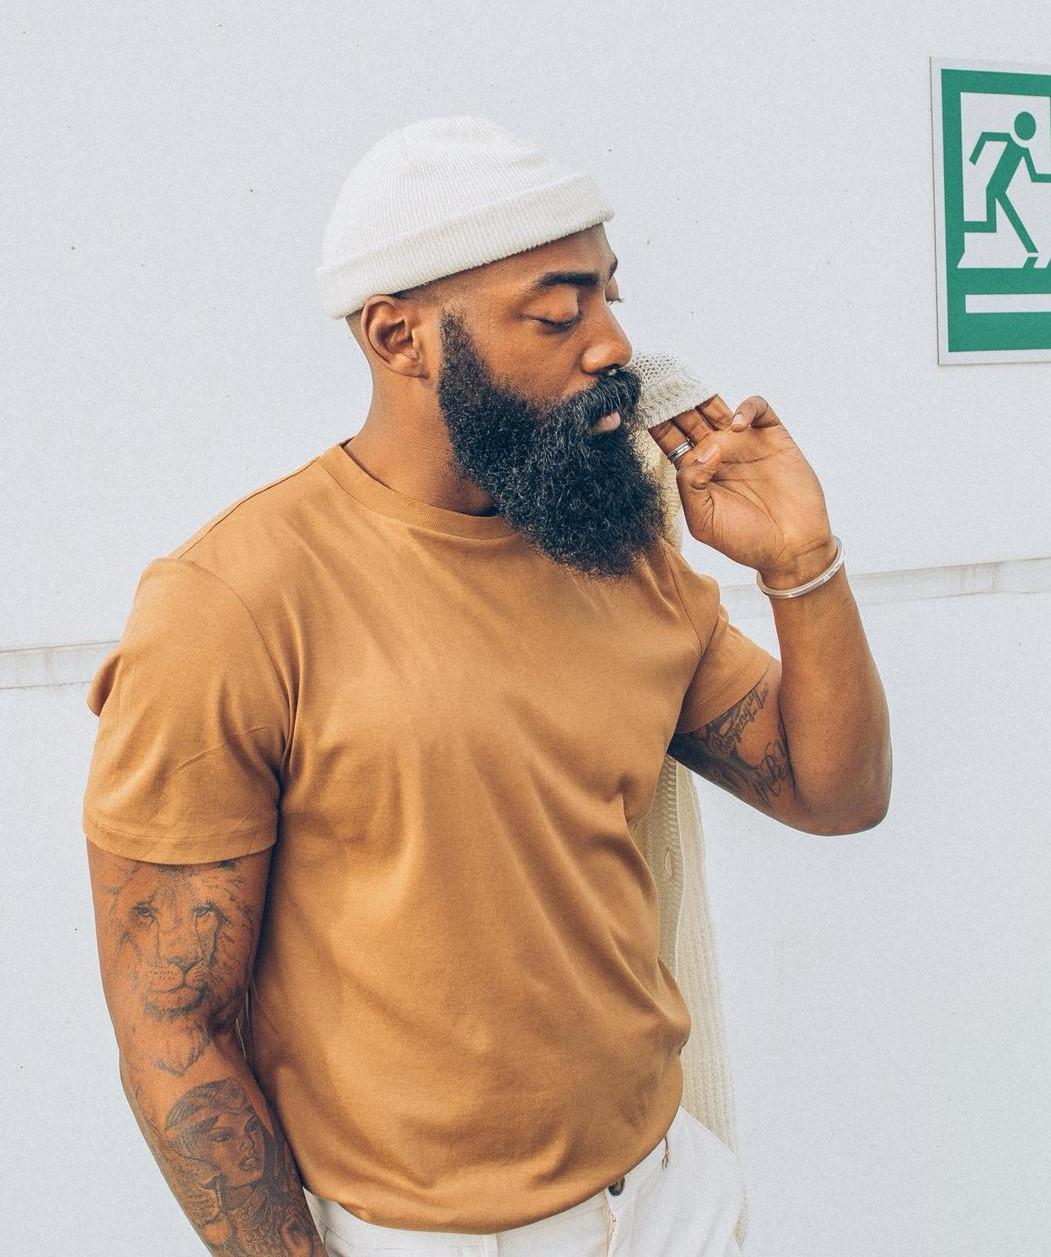 comment faire pousser barbe, la barbiche, labarbiche